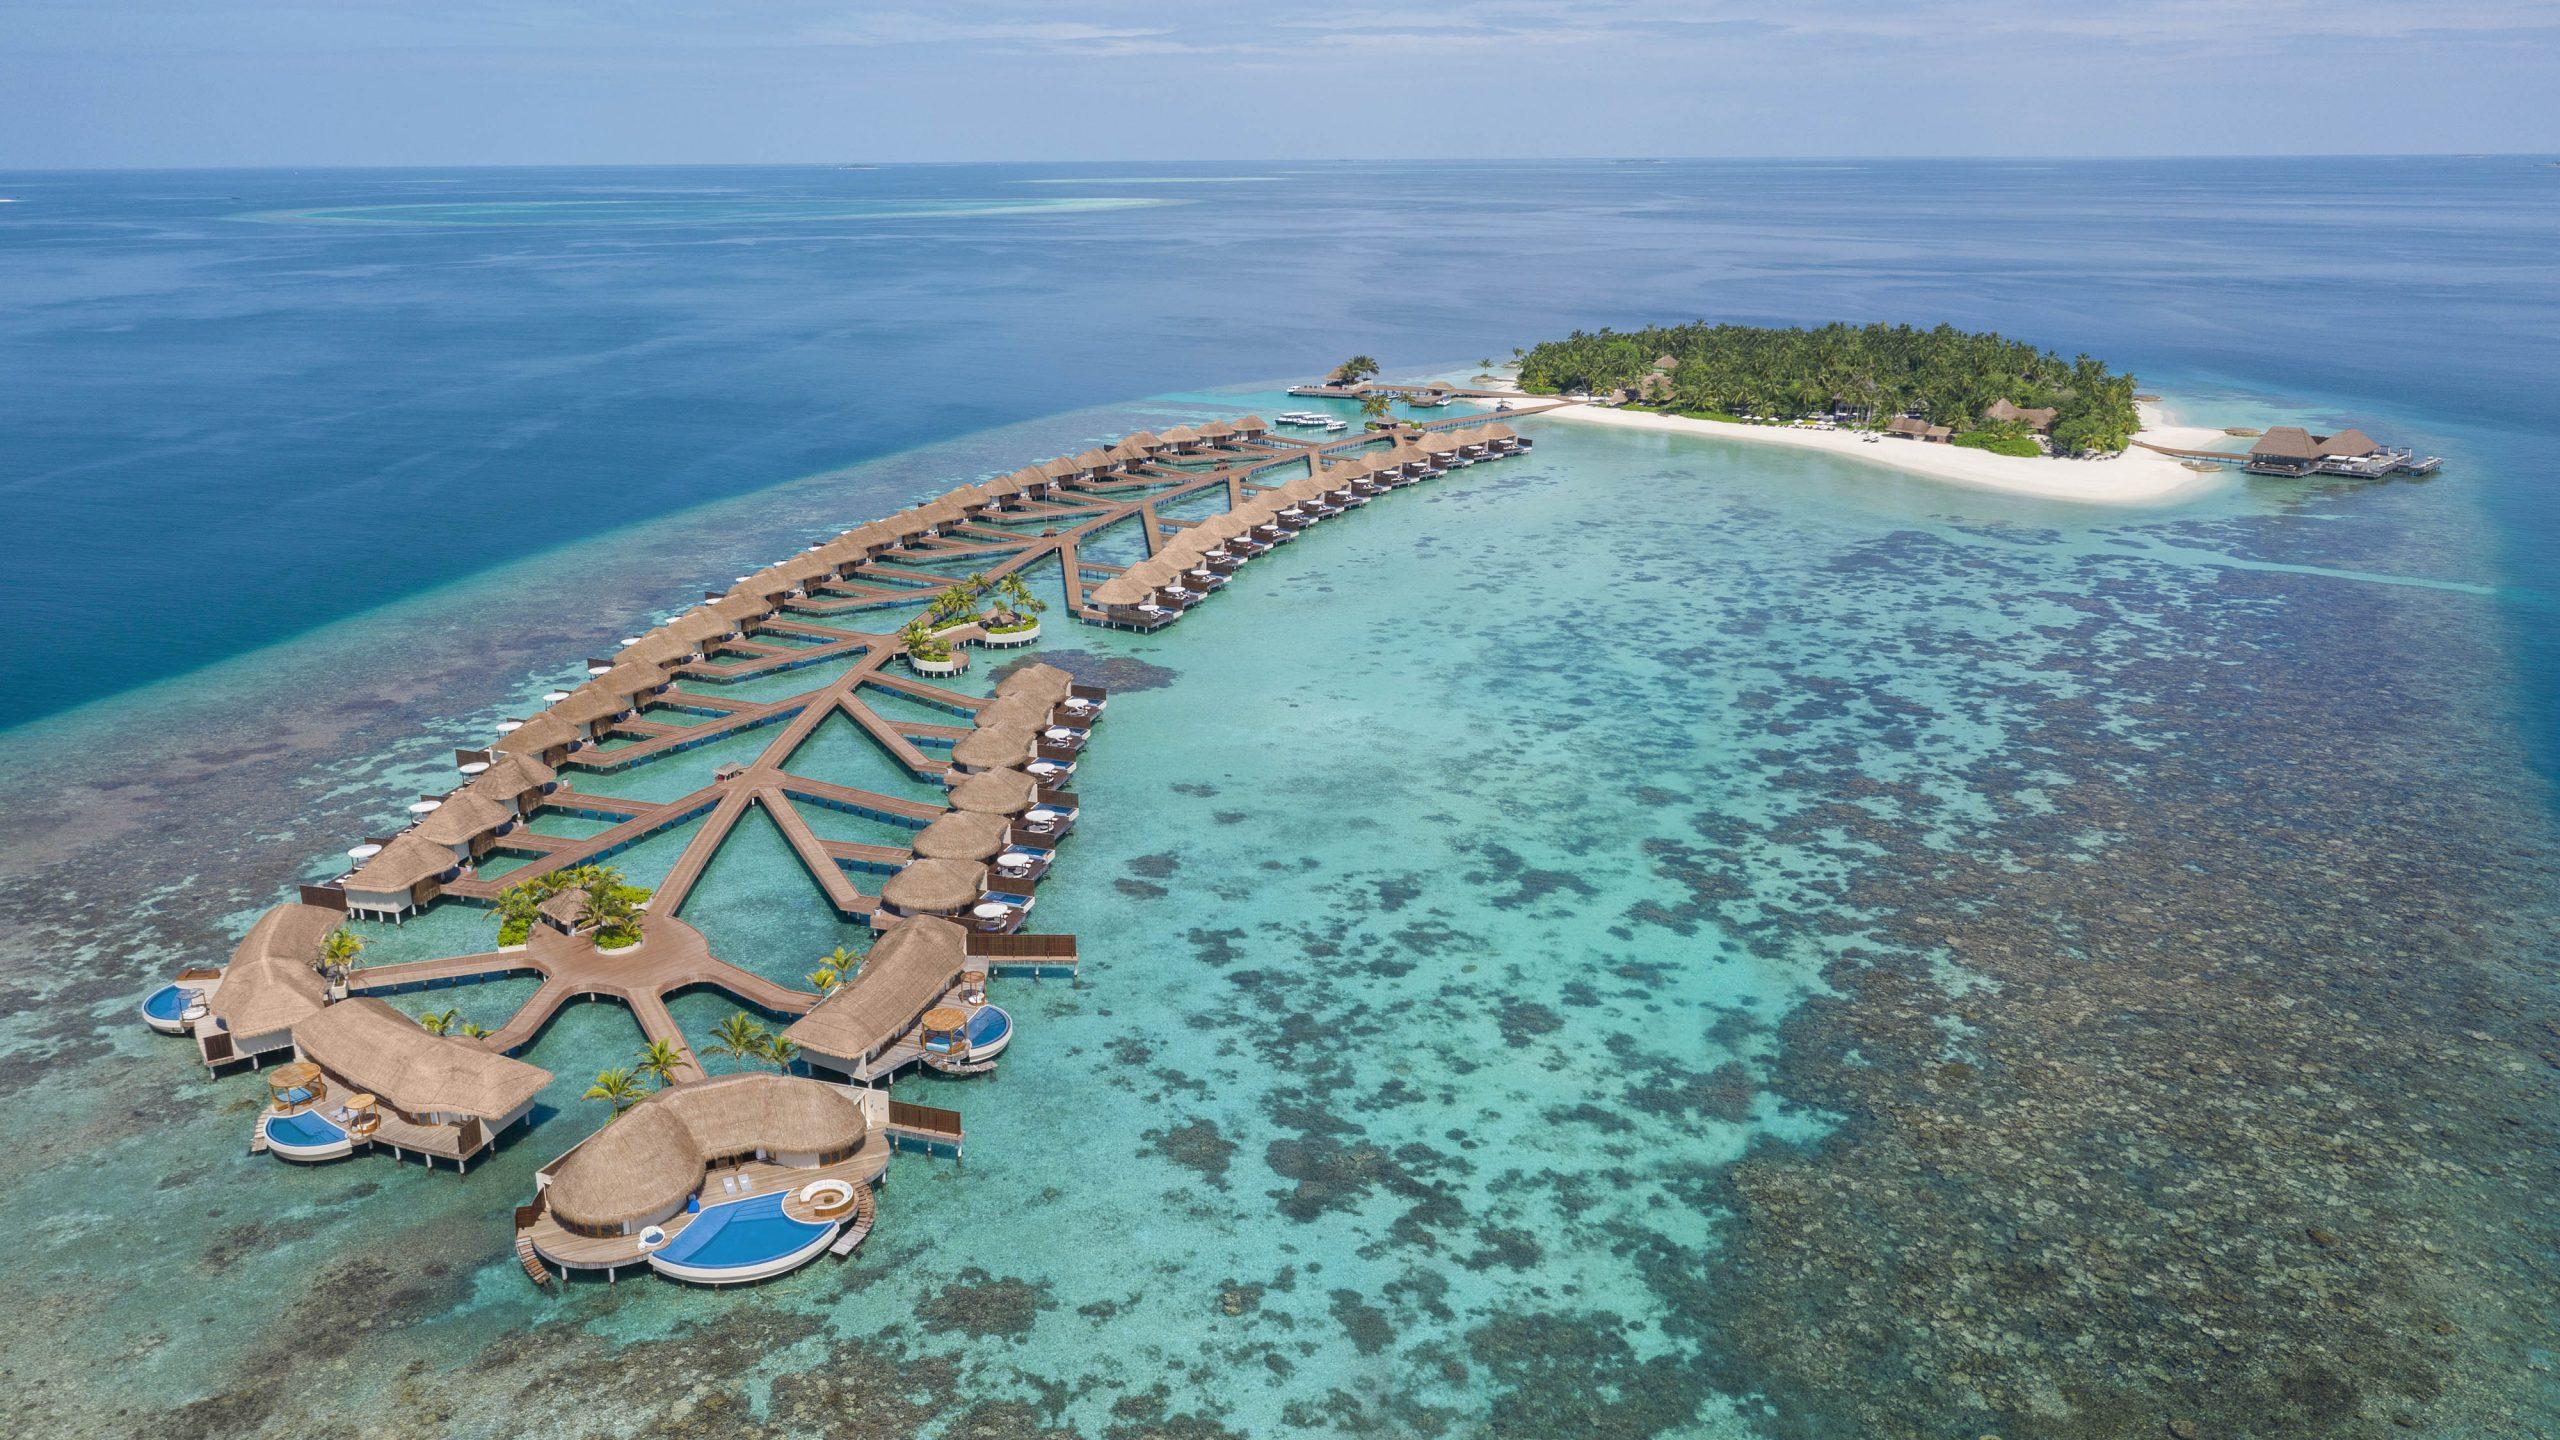 صور جزر المالديف 24